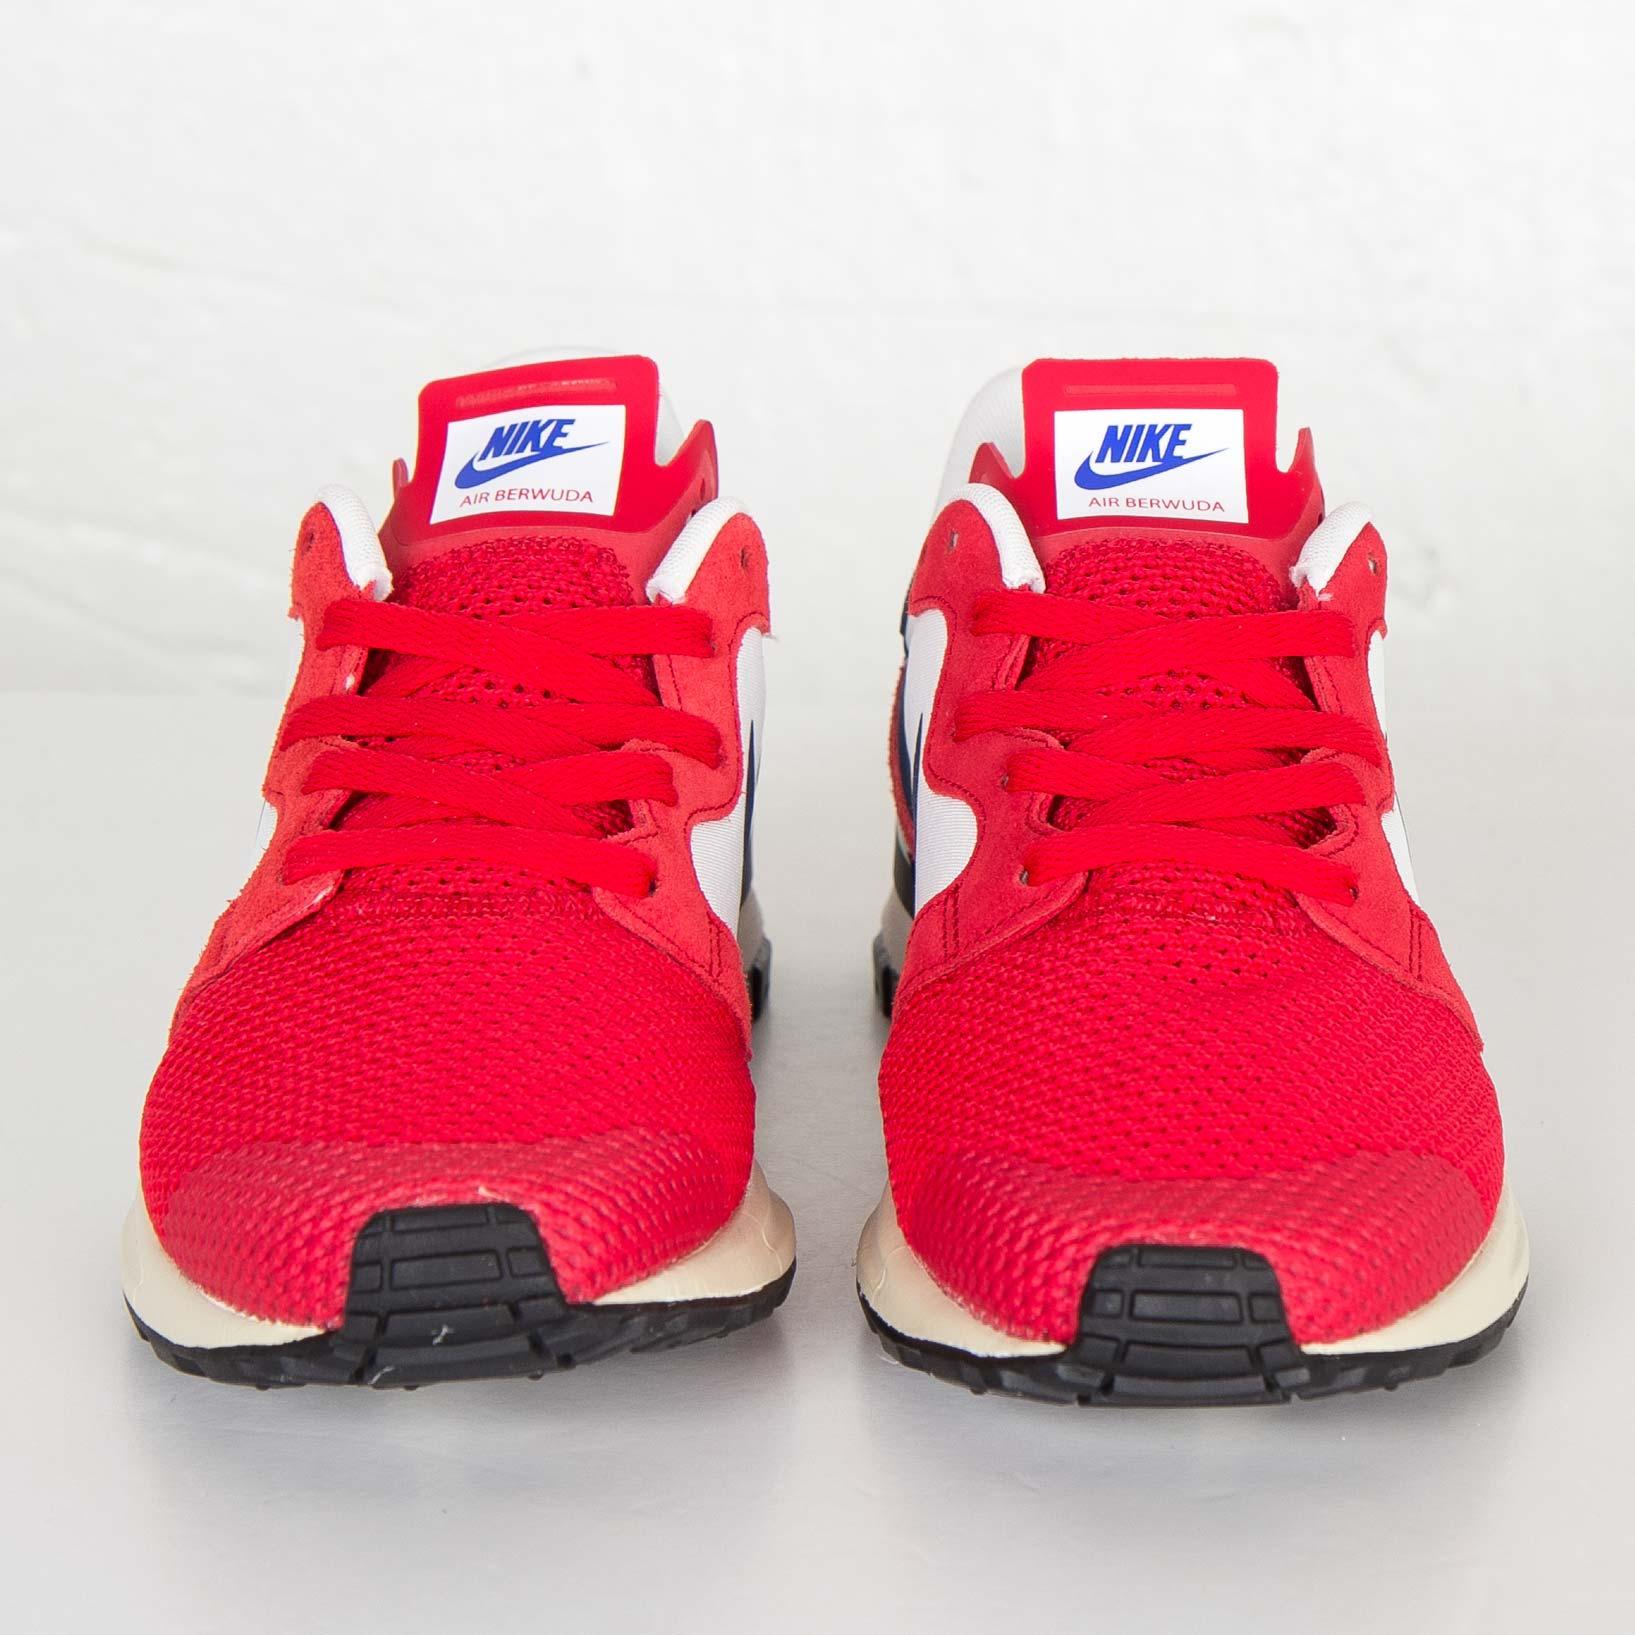 Nike Air Berwuda 555305 601 Sneakersnstuff | sneakers